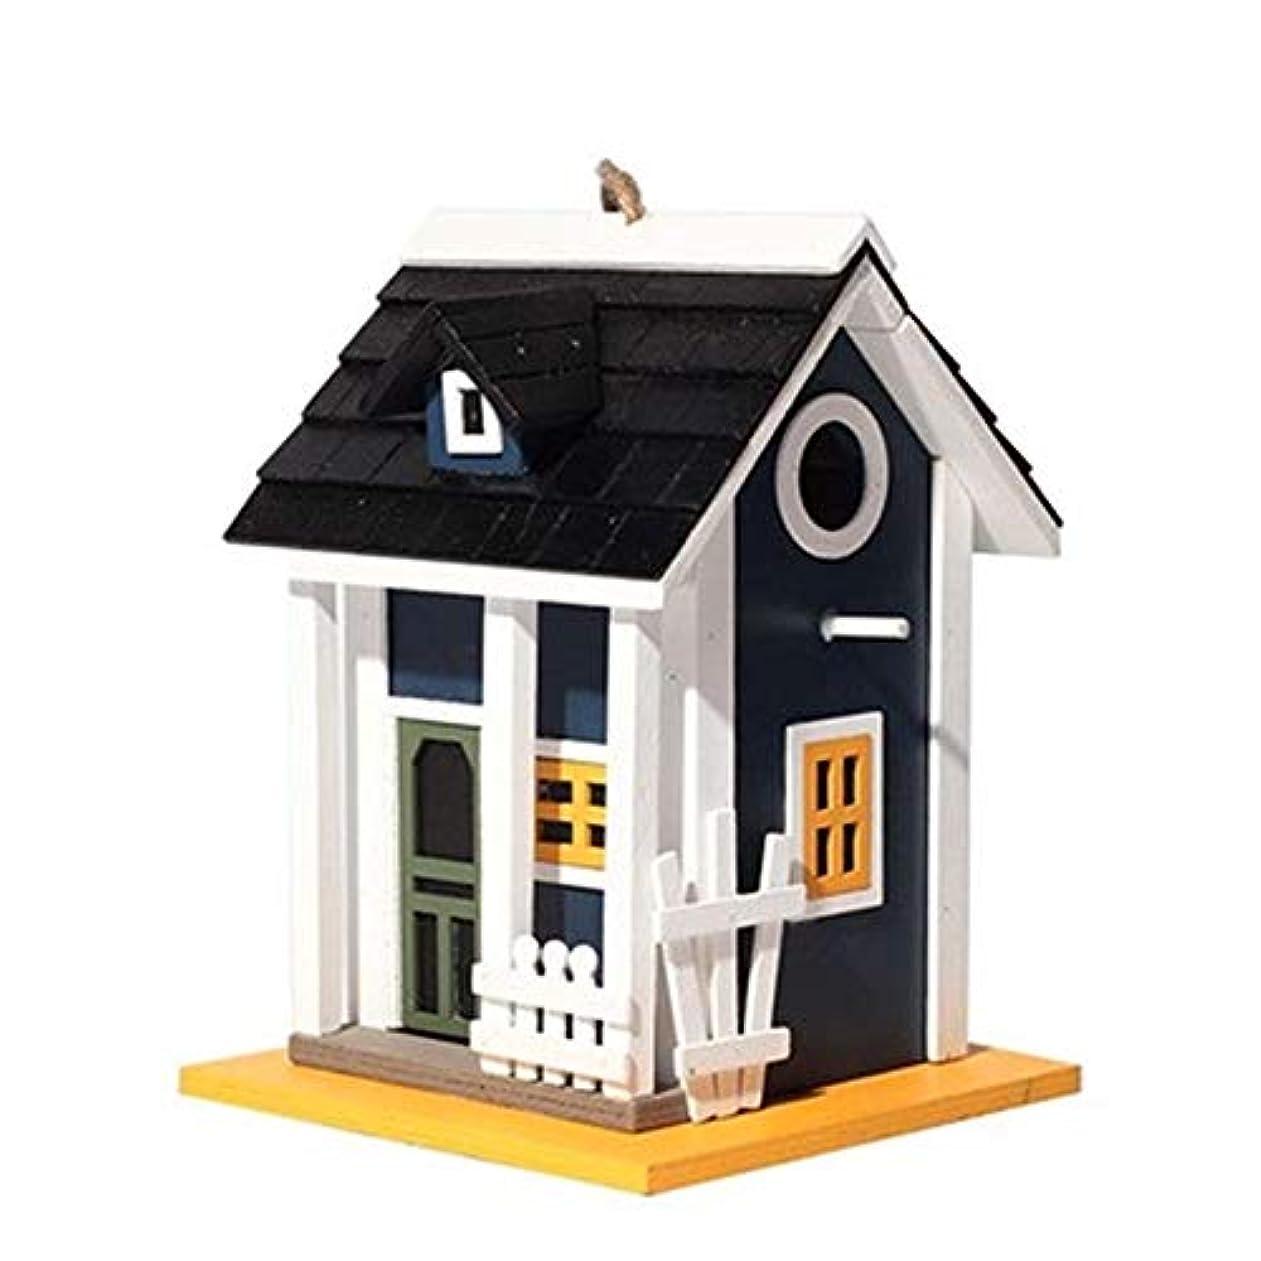 著名な守銭奴友情デコレーションハンギングガーデンコテージバードフィーダー二層コートヤードキャビンクリエイティブスティープルウッドバードハウスアウトドア 屋外の装飾 (Color : Black, Size : Free size)